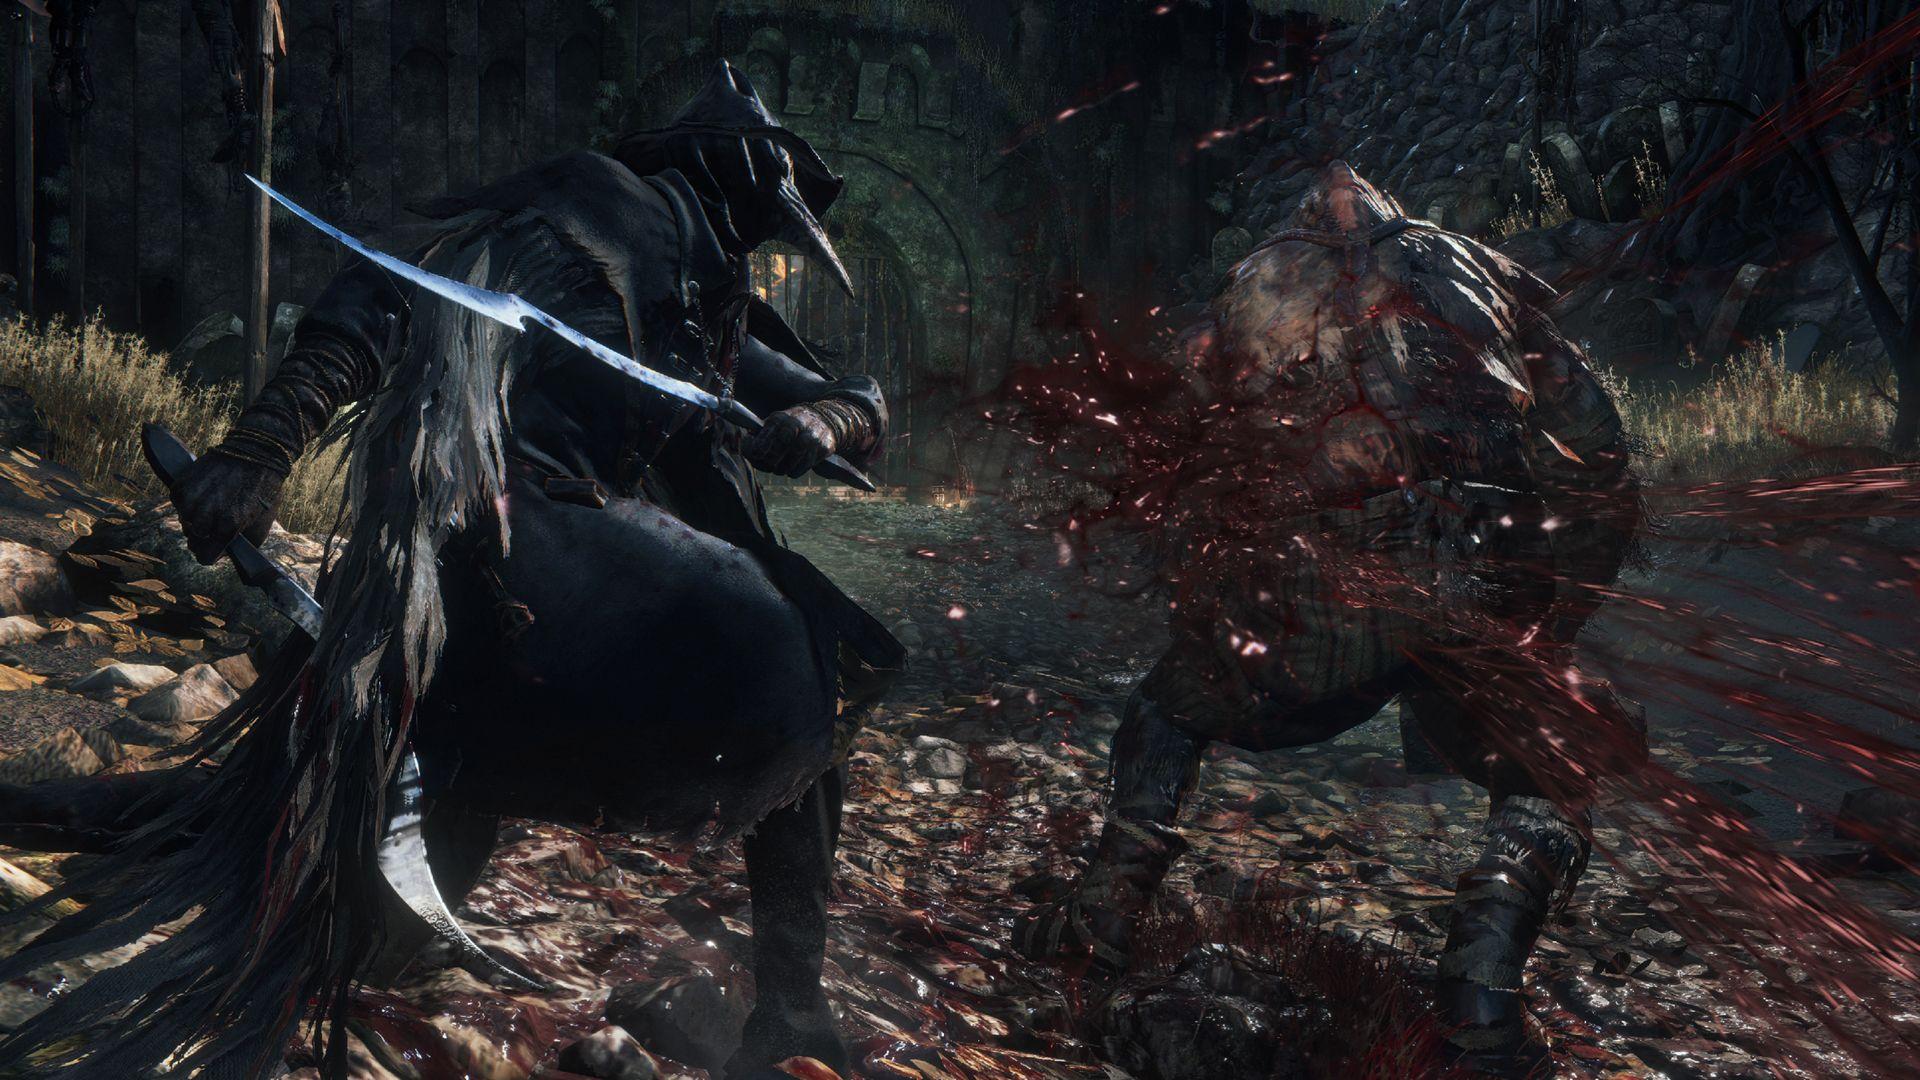 Bloodborne Review A Macabre Masterpiece Bloodborne Bloodborne